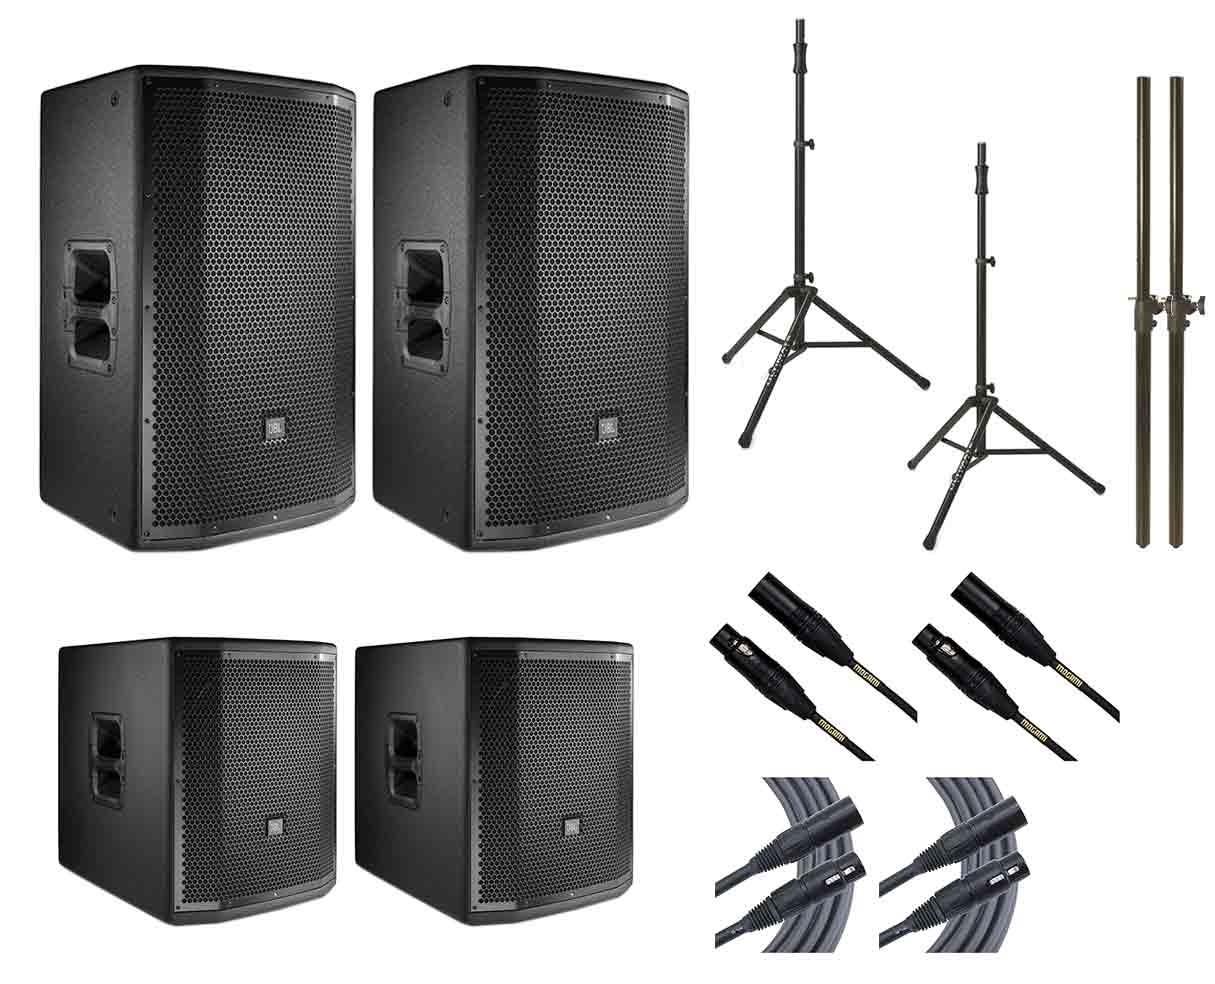 2x JBL PRX815W + 2x JBL PRX815XLFW + 2x Ultimate TS-100B + Mogami Cables + Poles